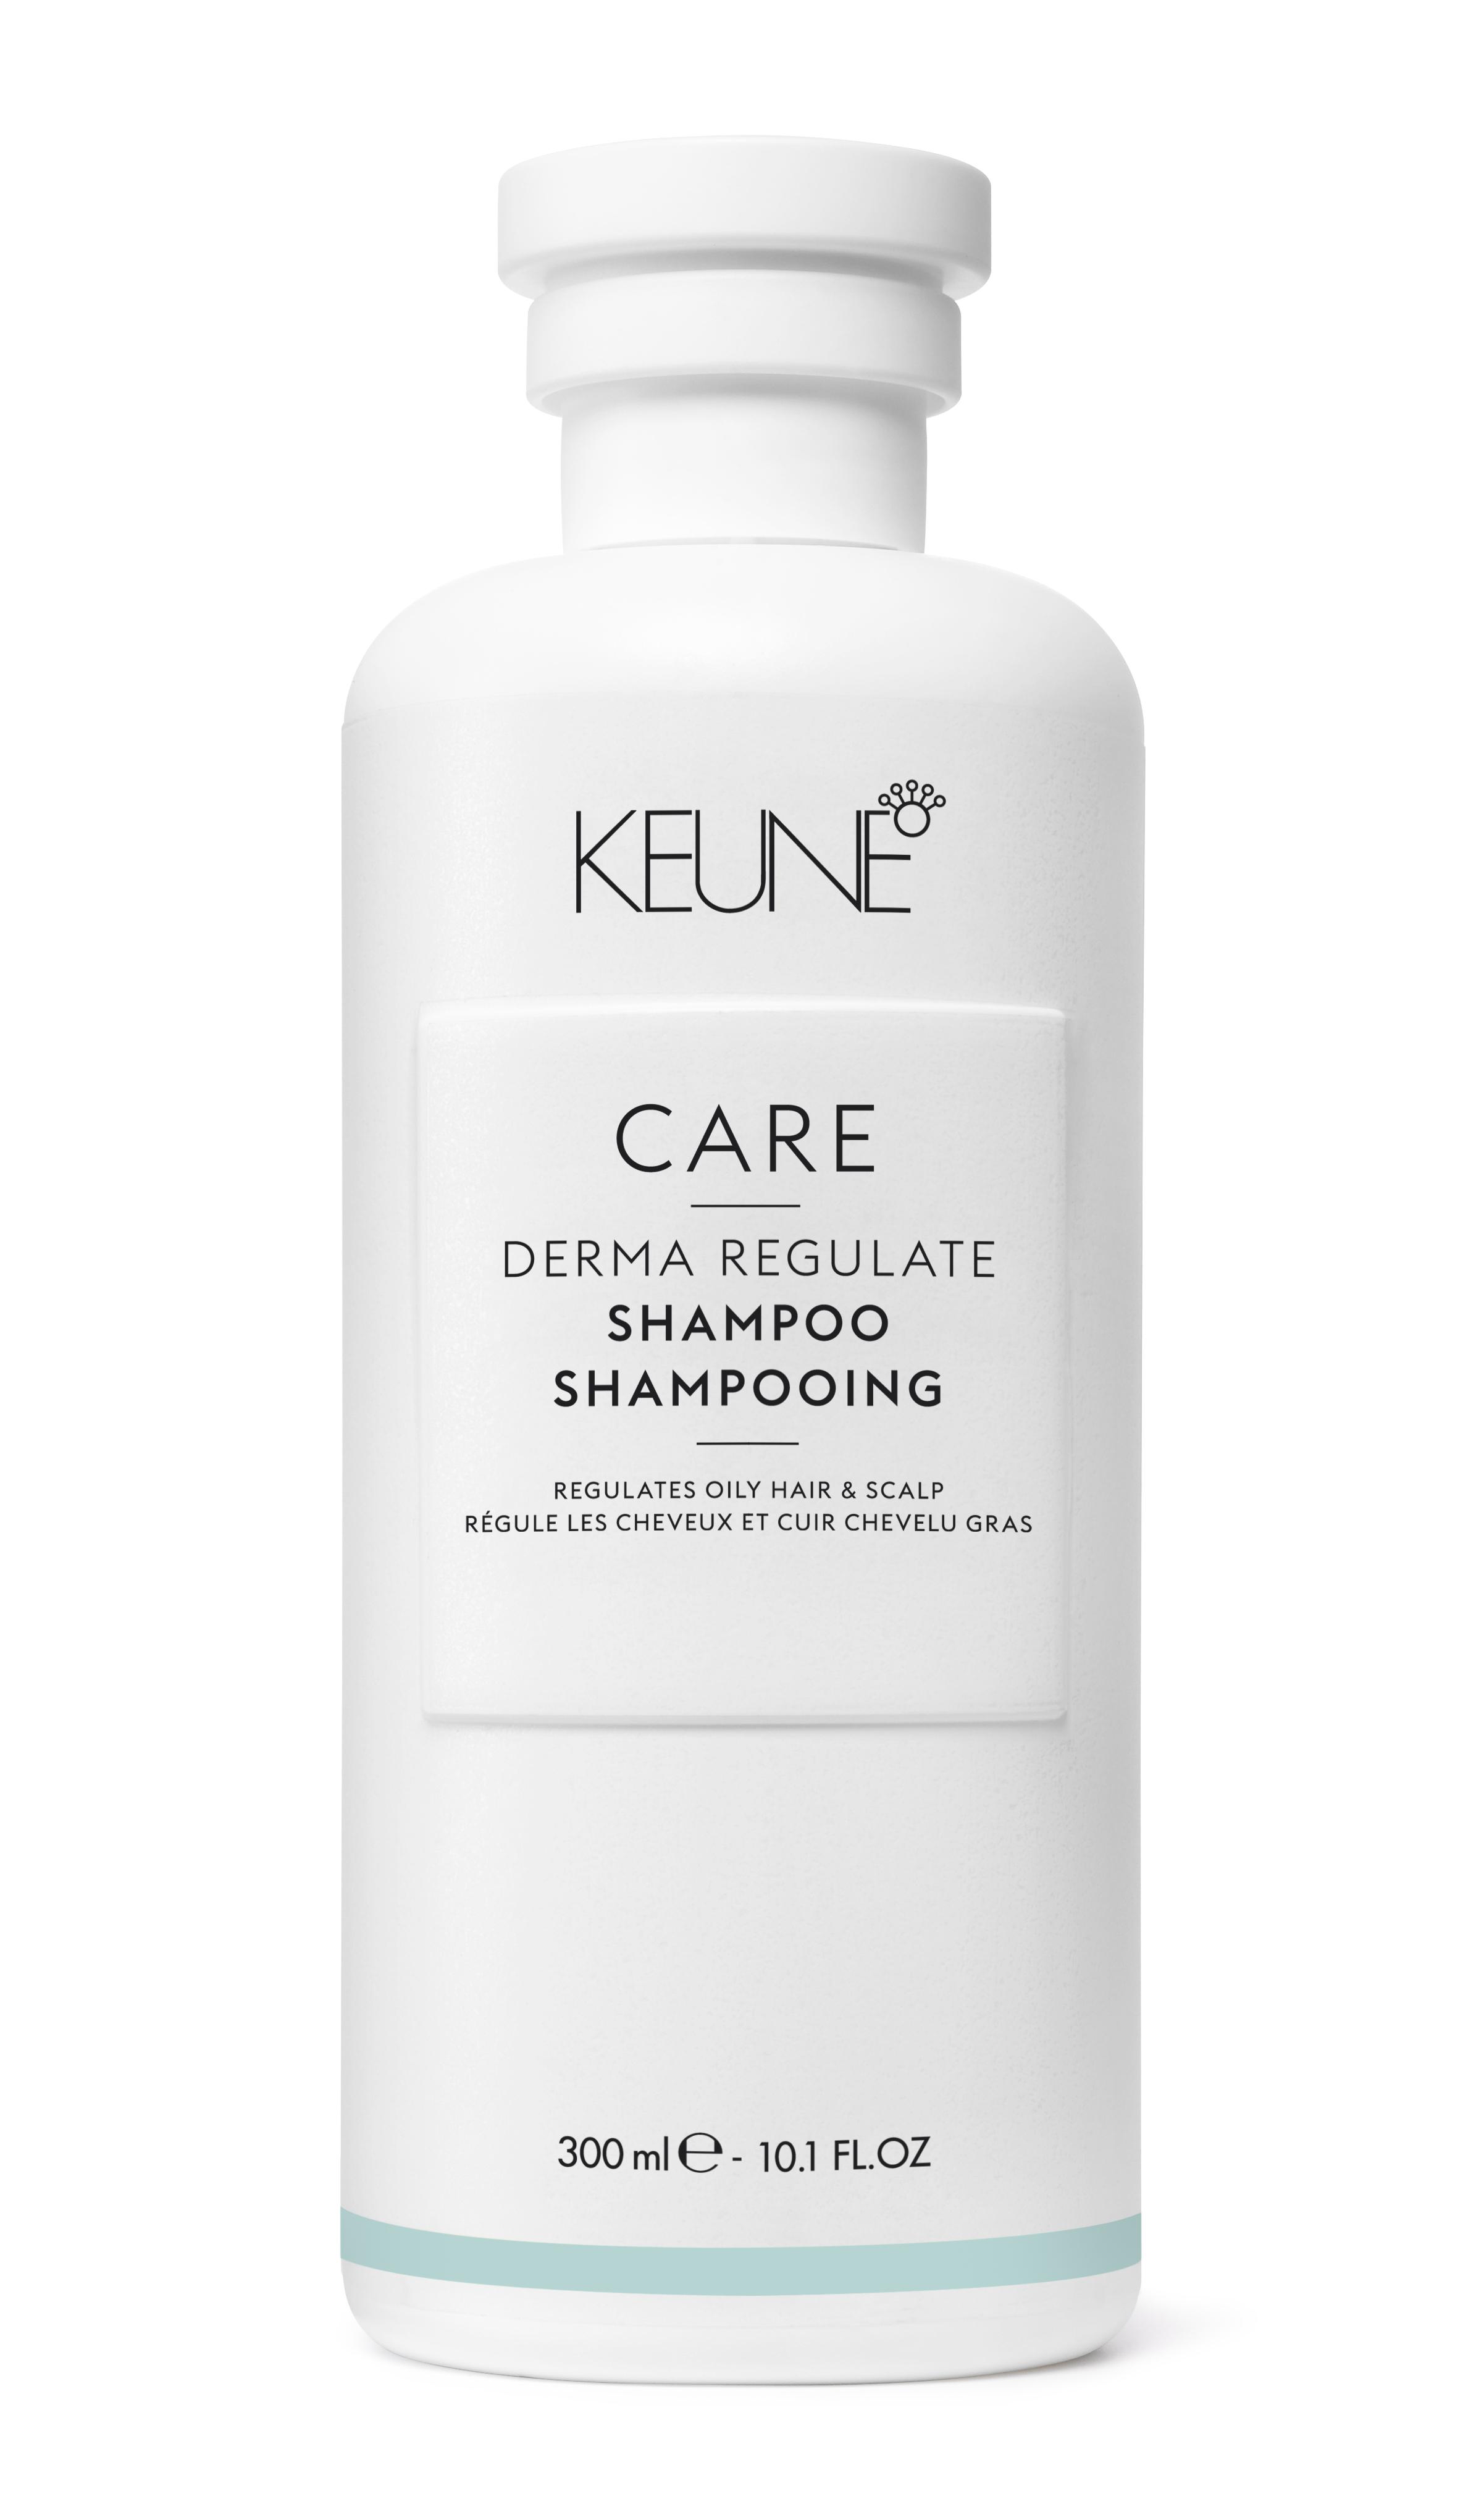 Купить KEUNE Шампунь себорегулирующий / CARE Derma Regulate Shampoo 300 мл